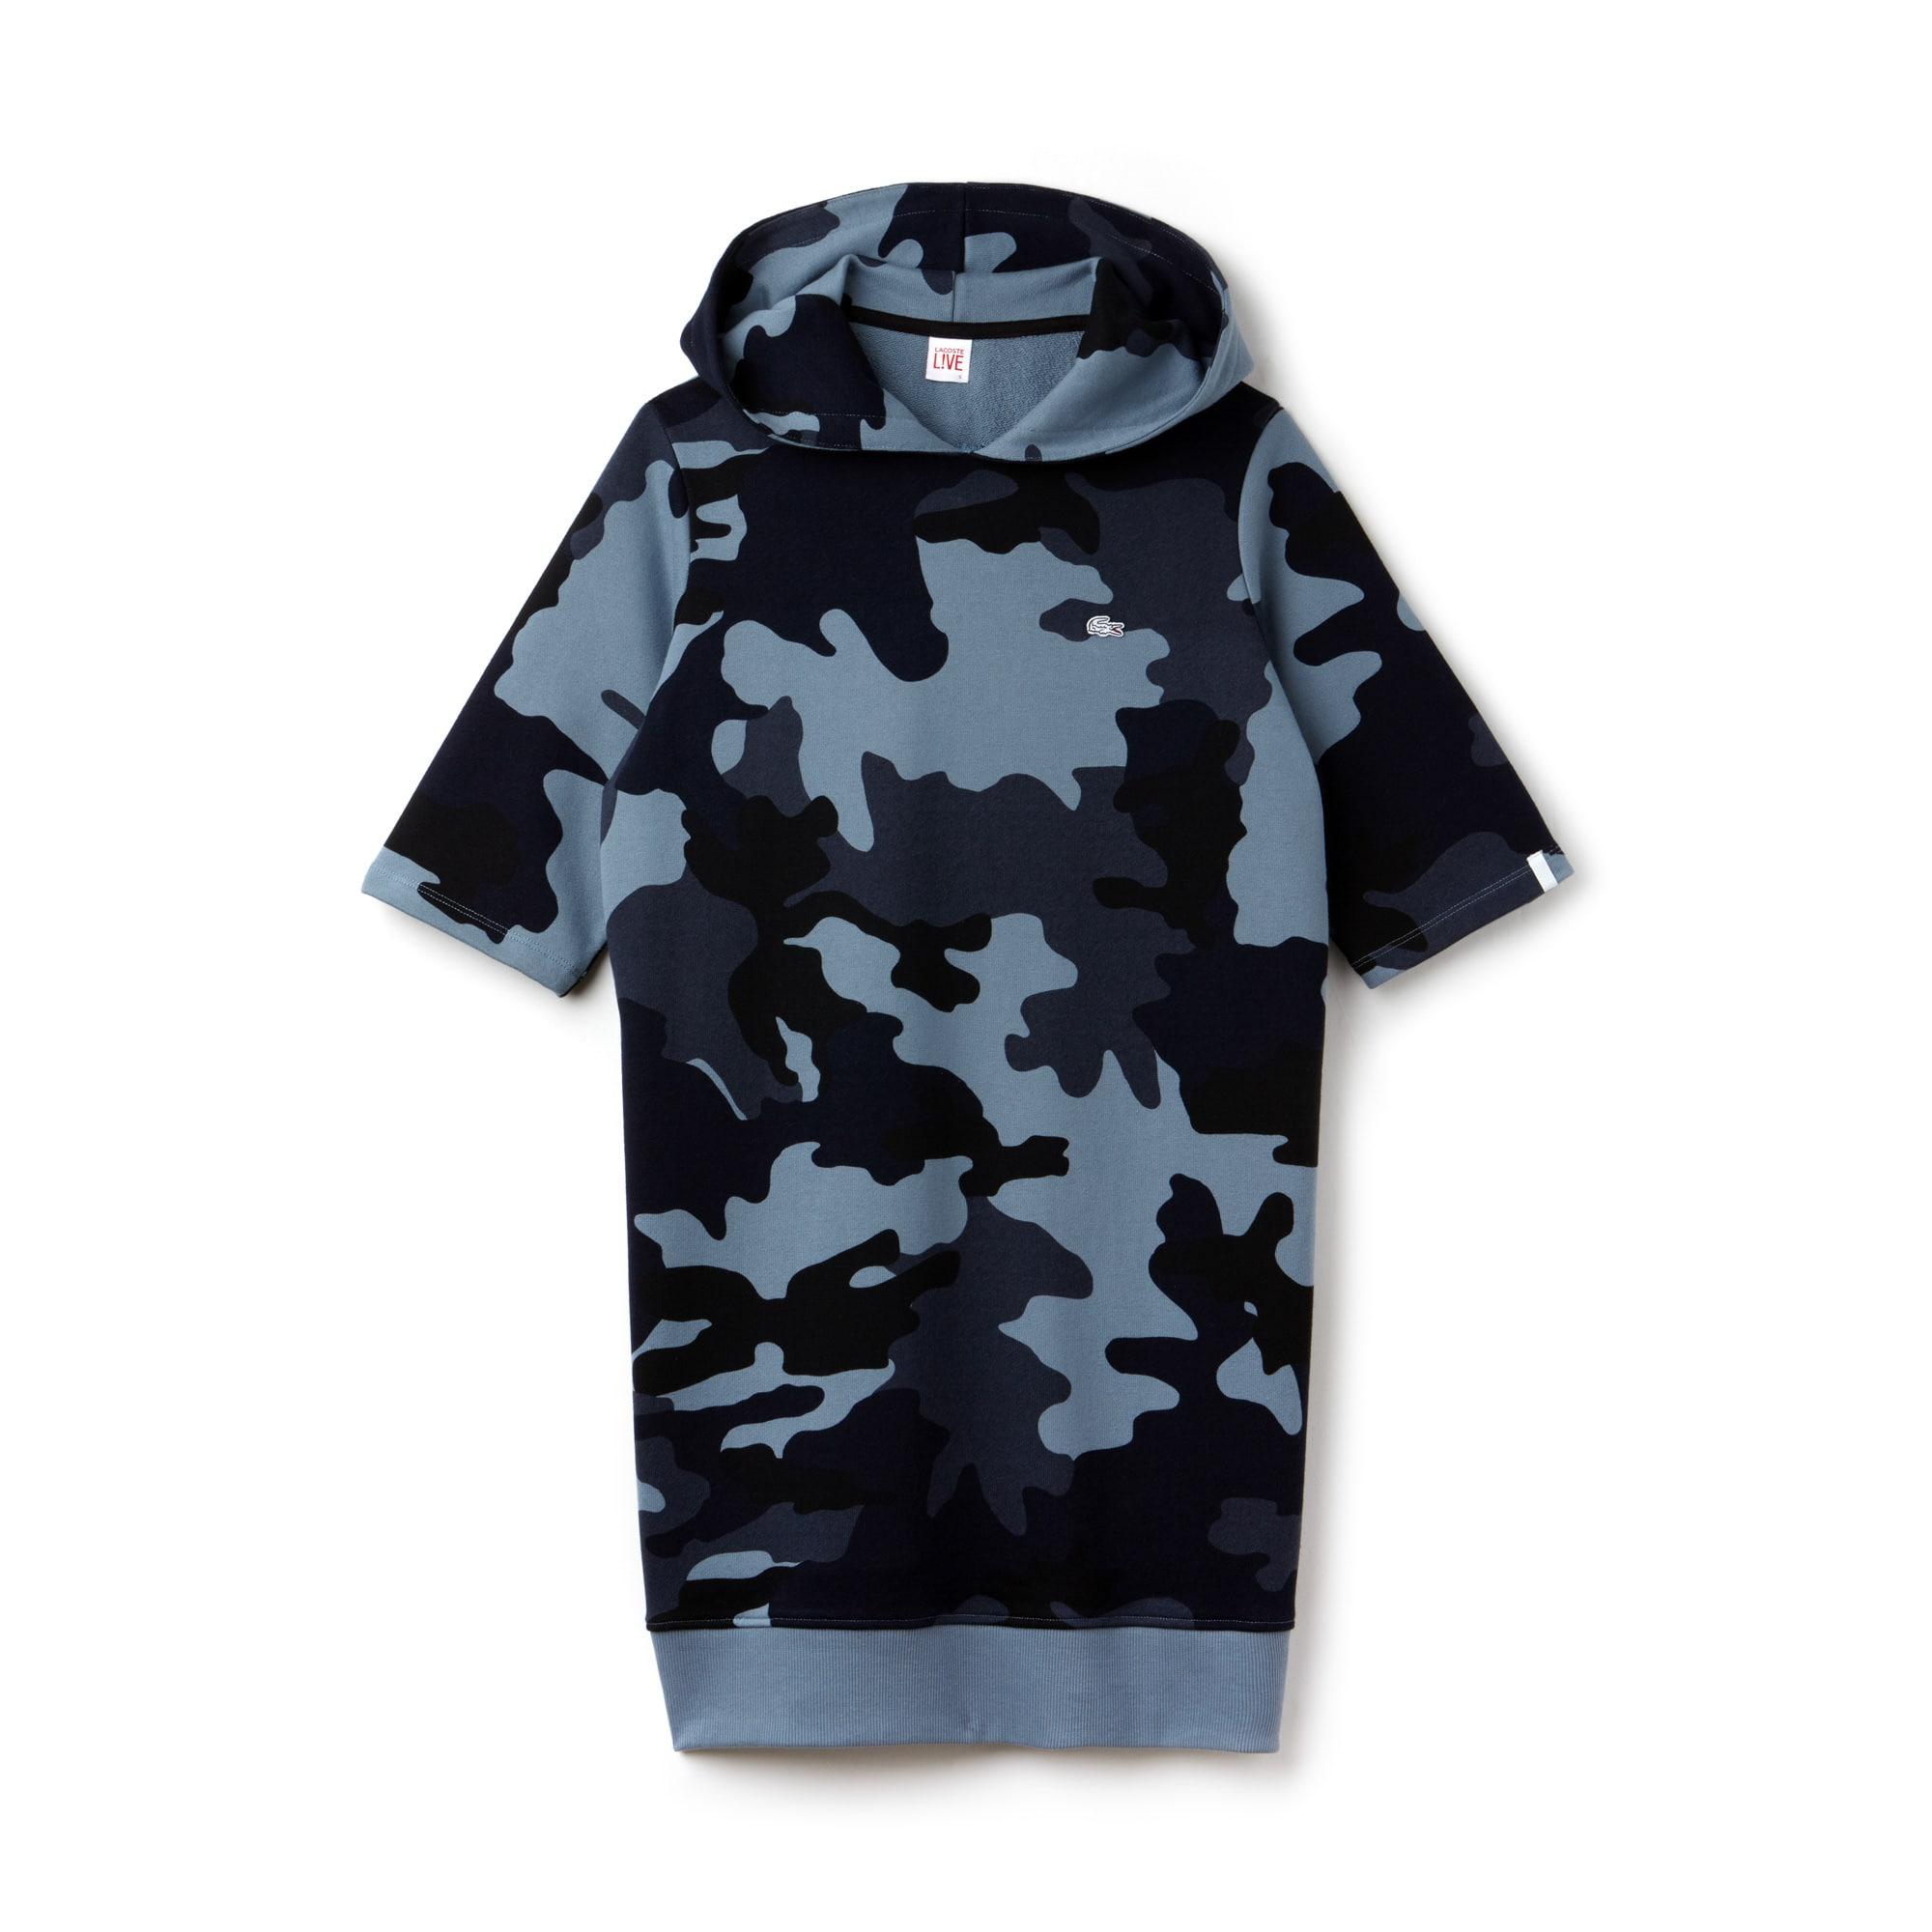 Lacoste LIVE-sweatshirtjurk dames fleece met camouflageprint en capuchon